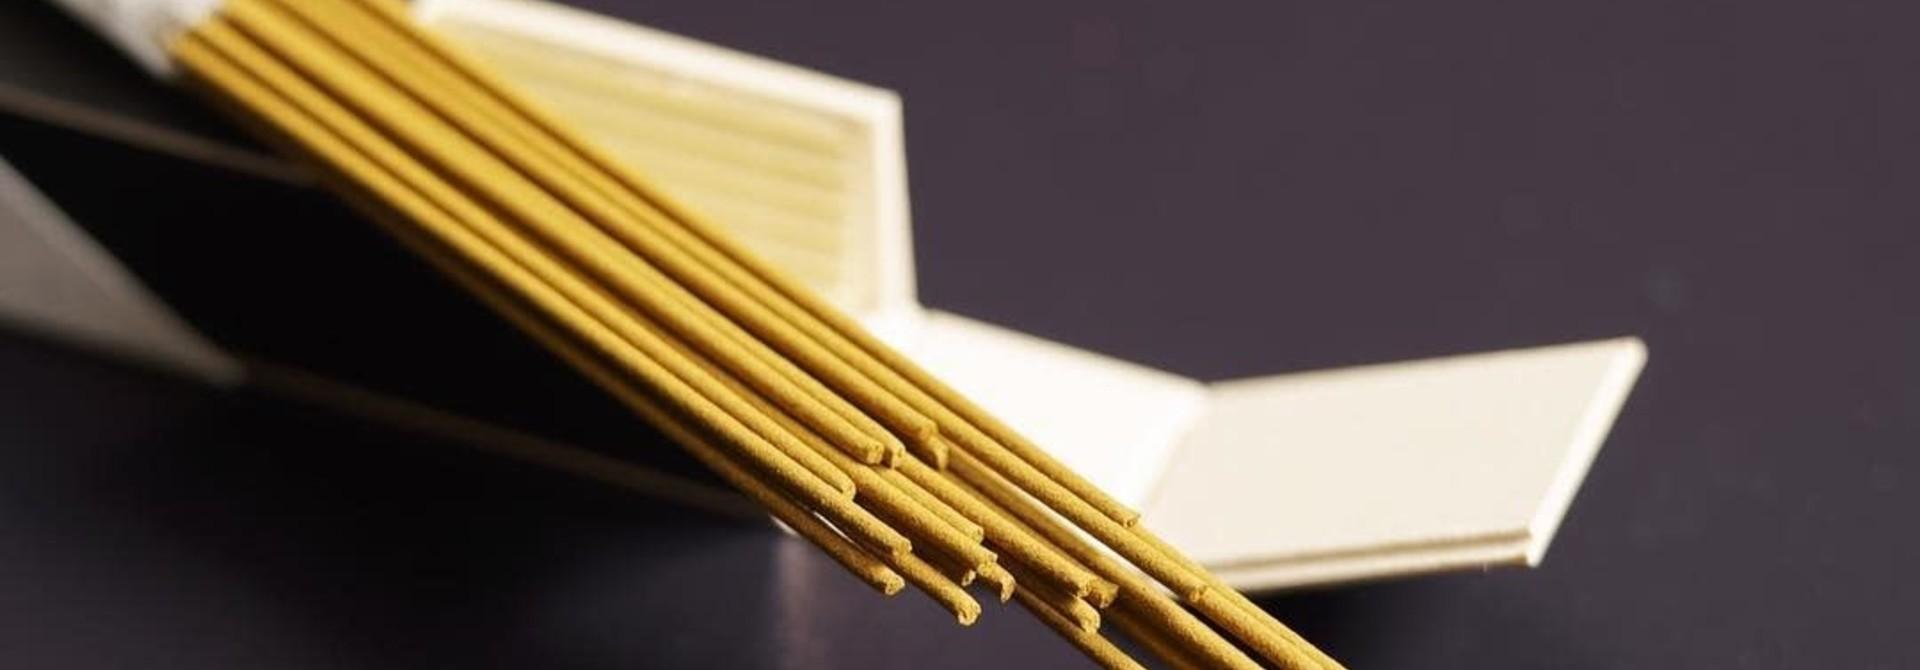 Shoyeido Shun-yo Premium Incense